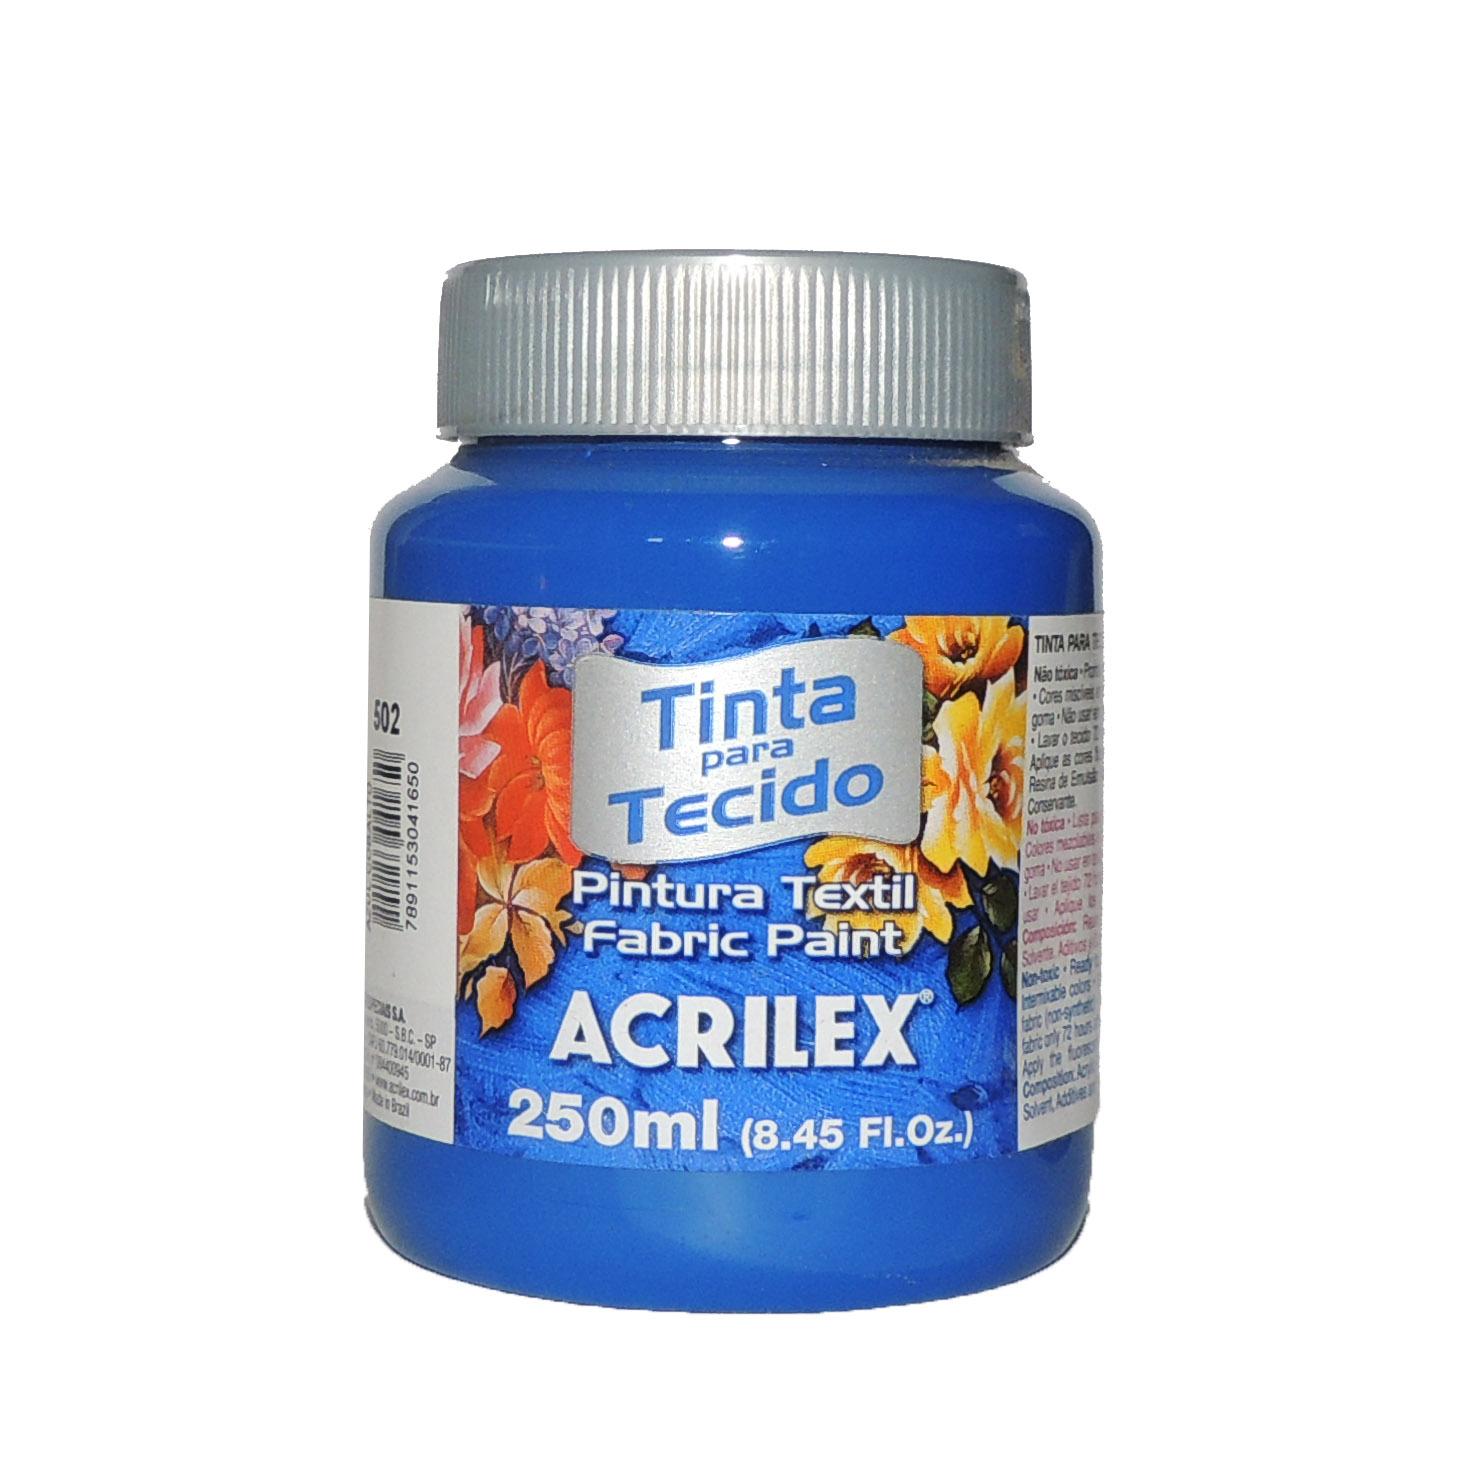 tinta-para-tecido-acrilex-250ml-502-azul-cobalto